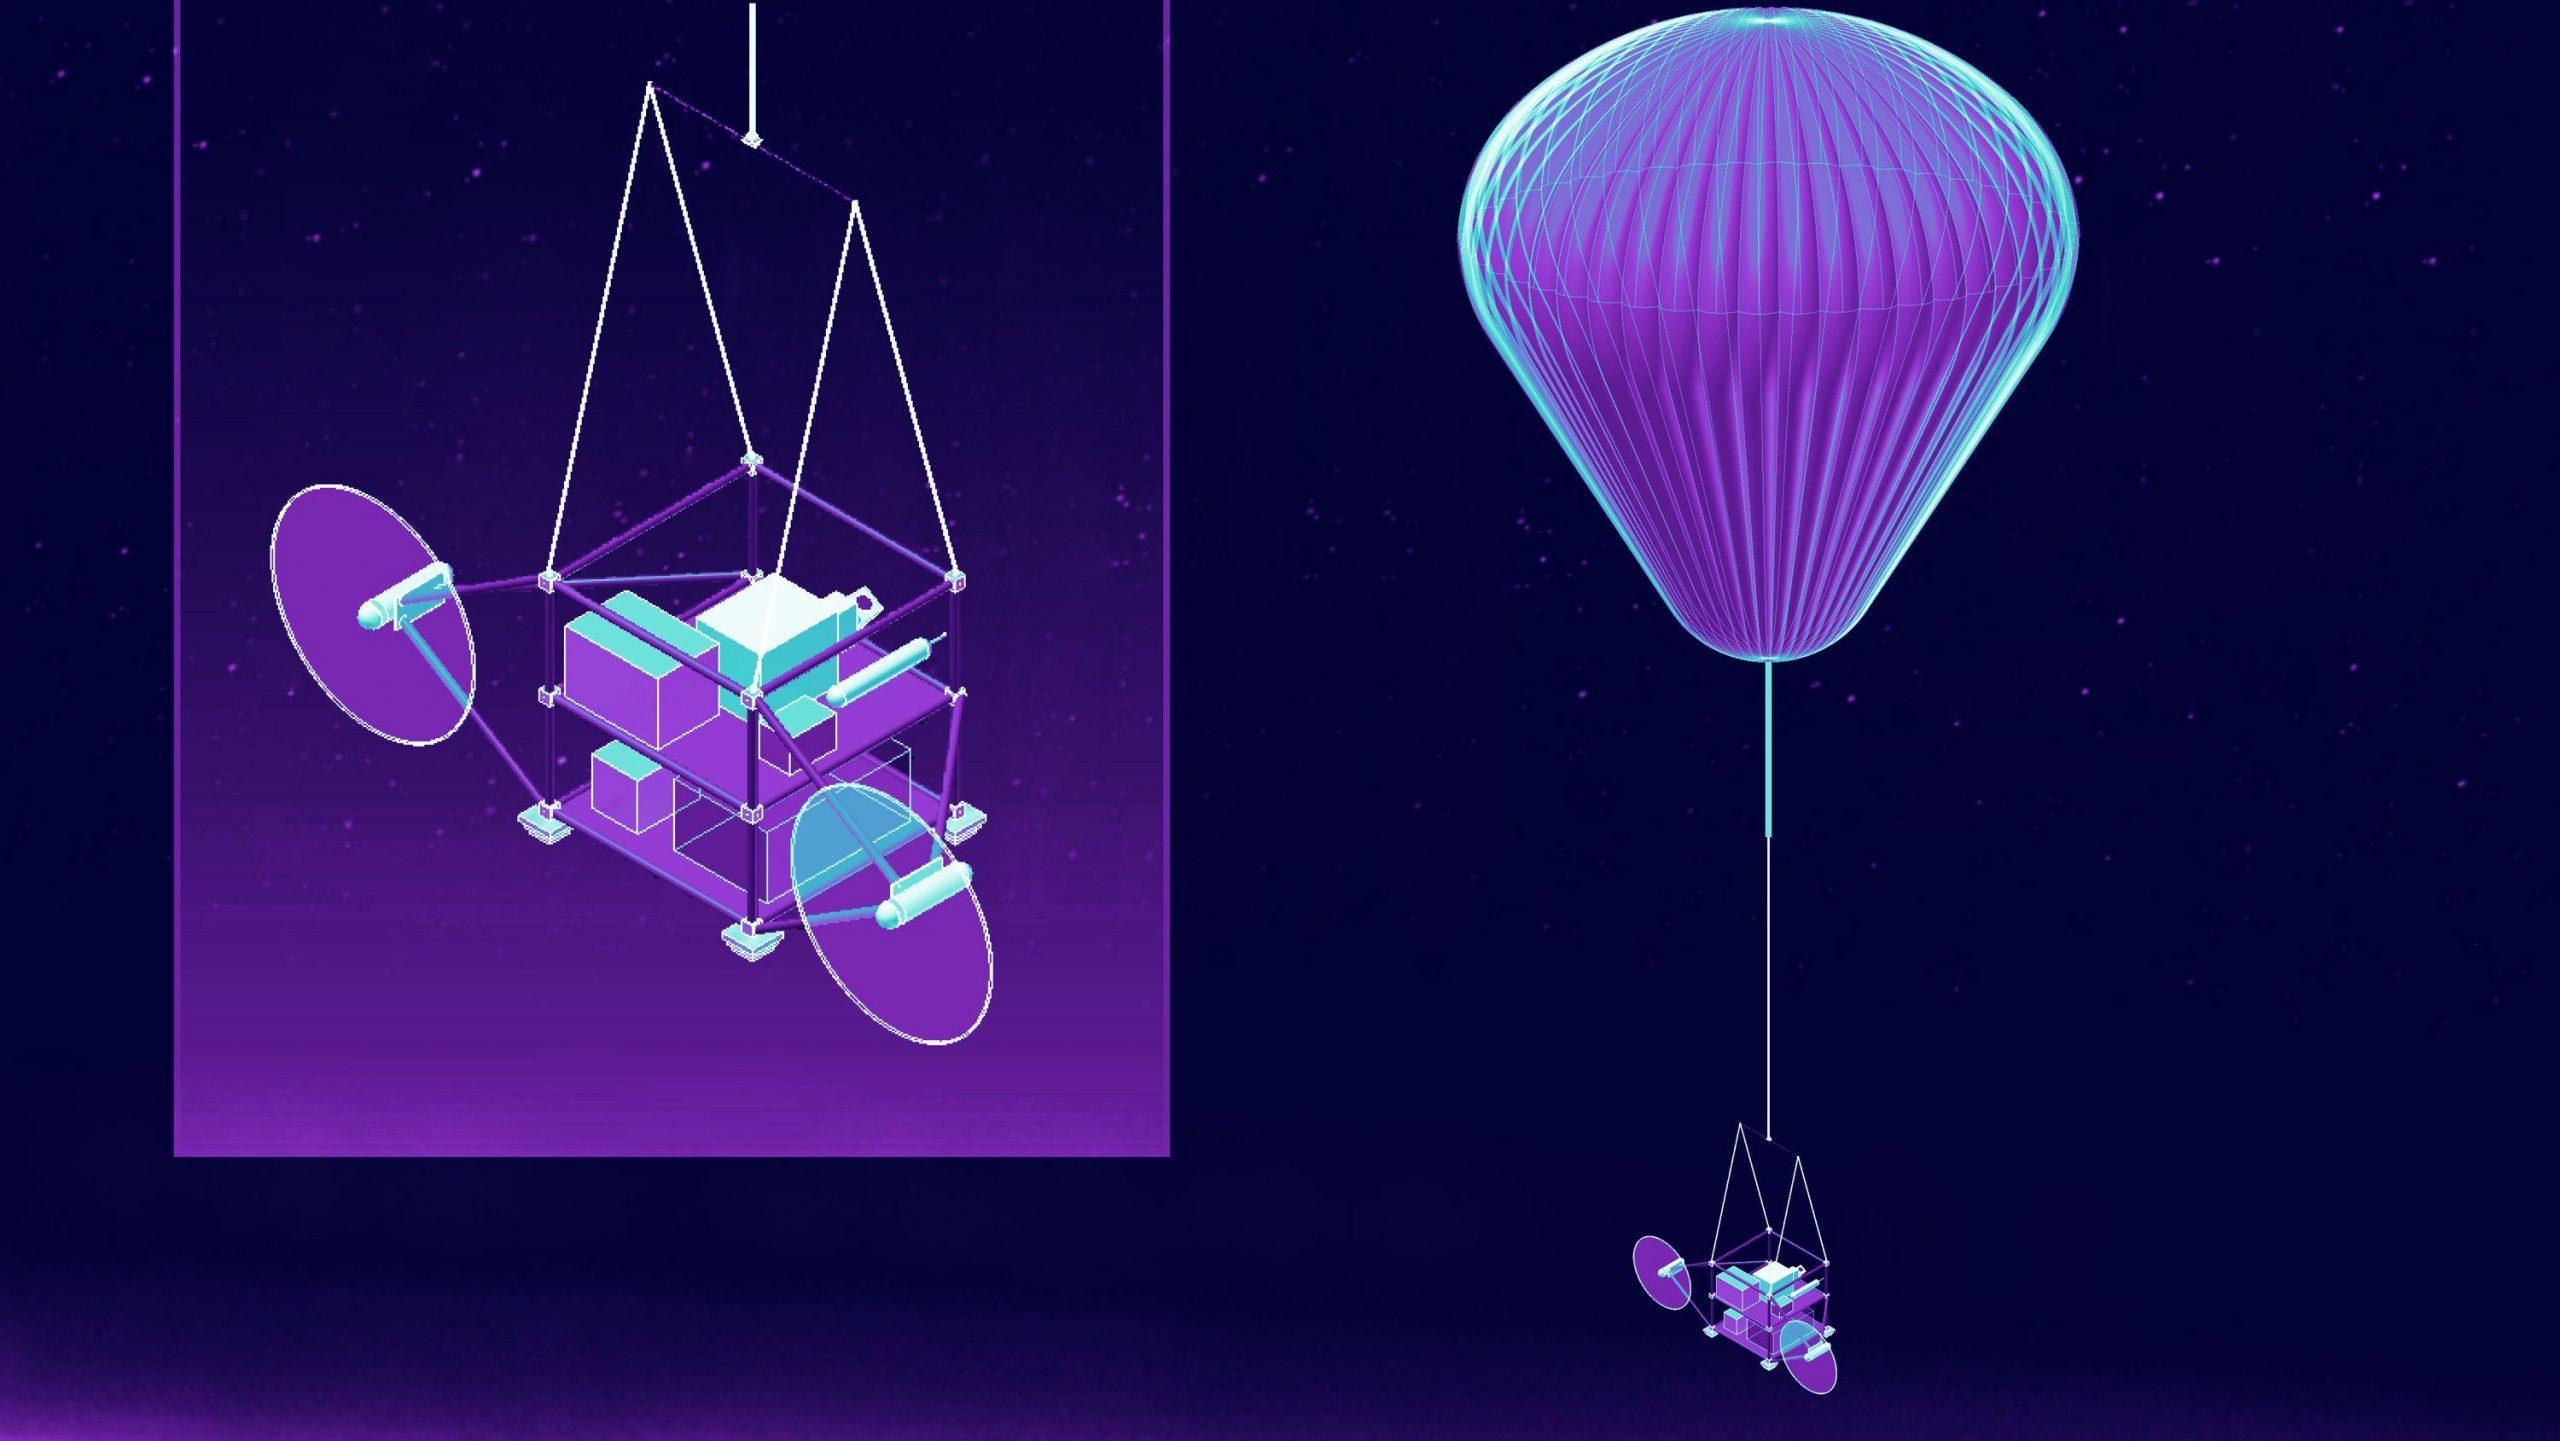 ハーバードの地球工学チーム、スウェーデンでの気球打ち上げを中止